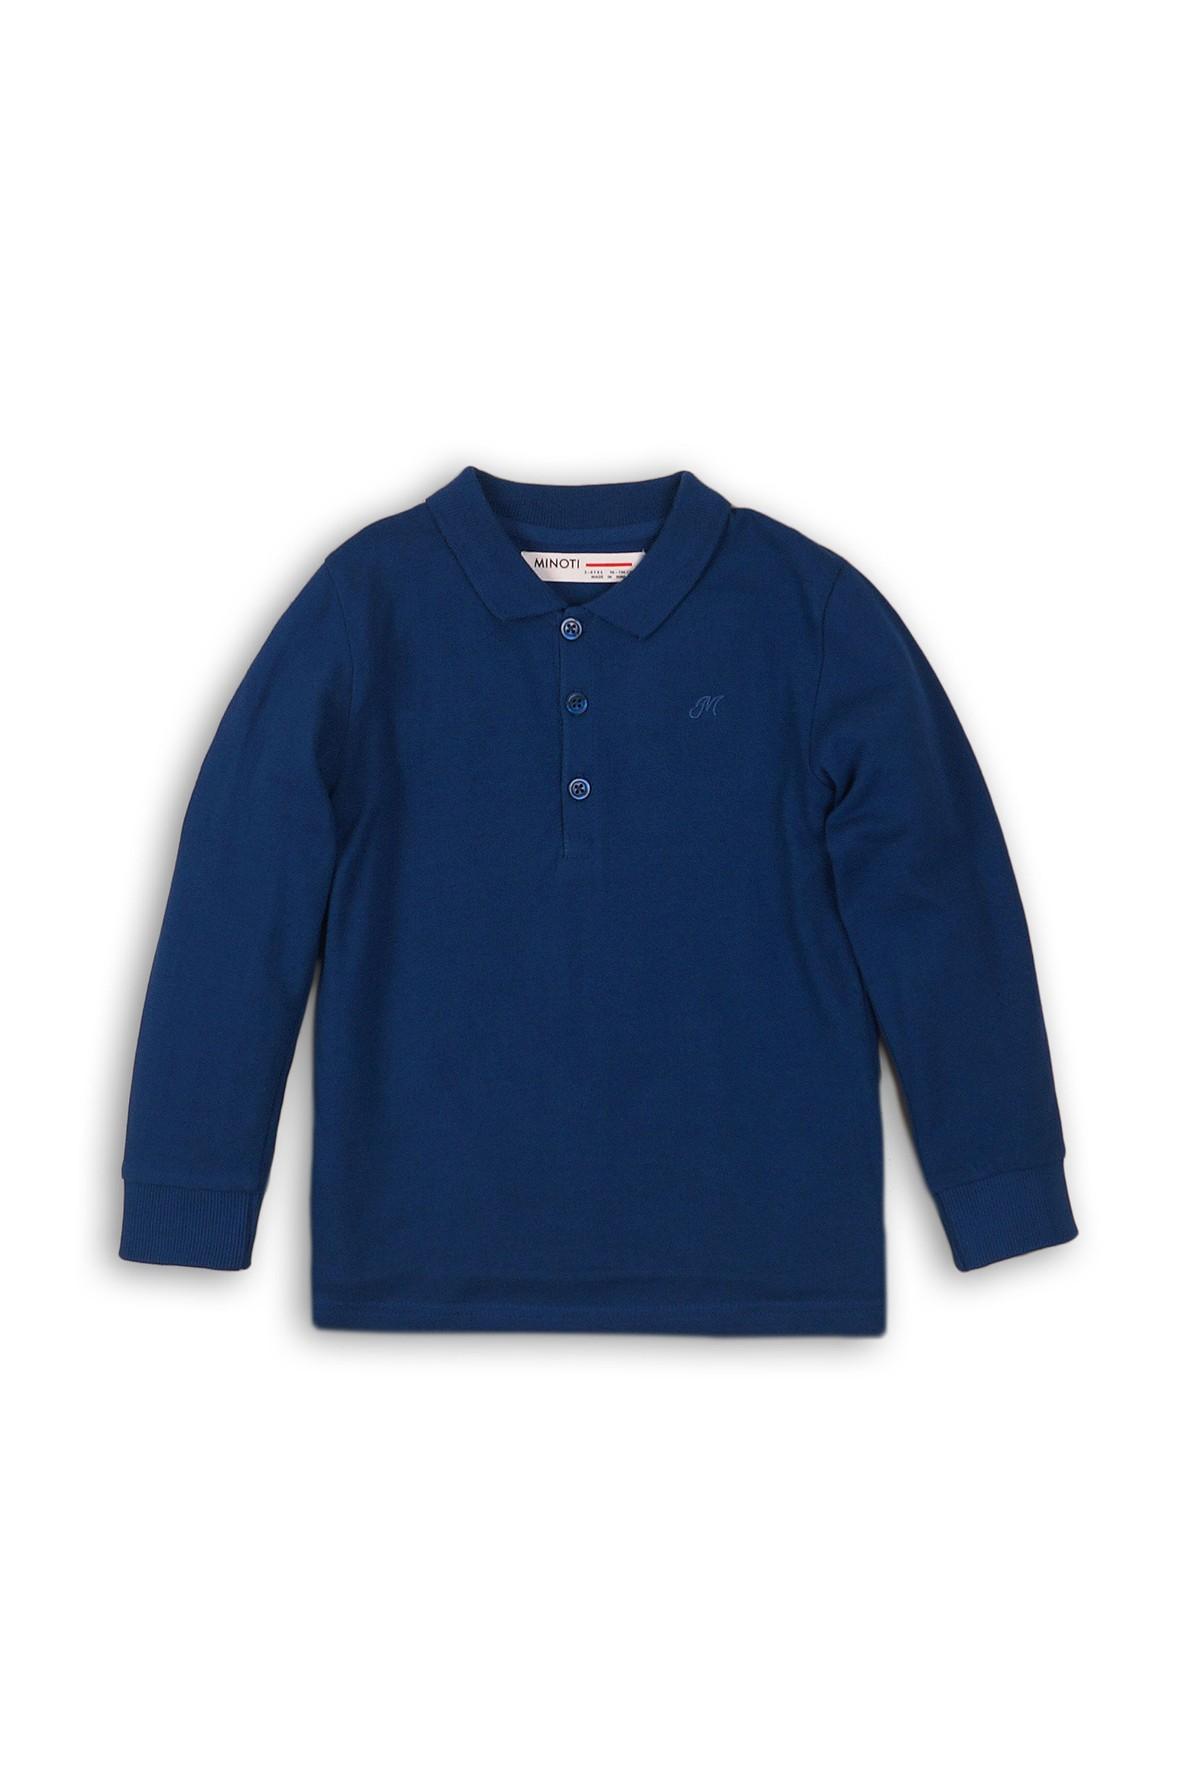 Dzianinowa bluzka chłopięca z kołnierzykiem- niebieska rozm 92/98